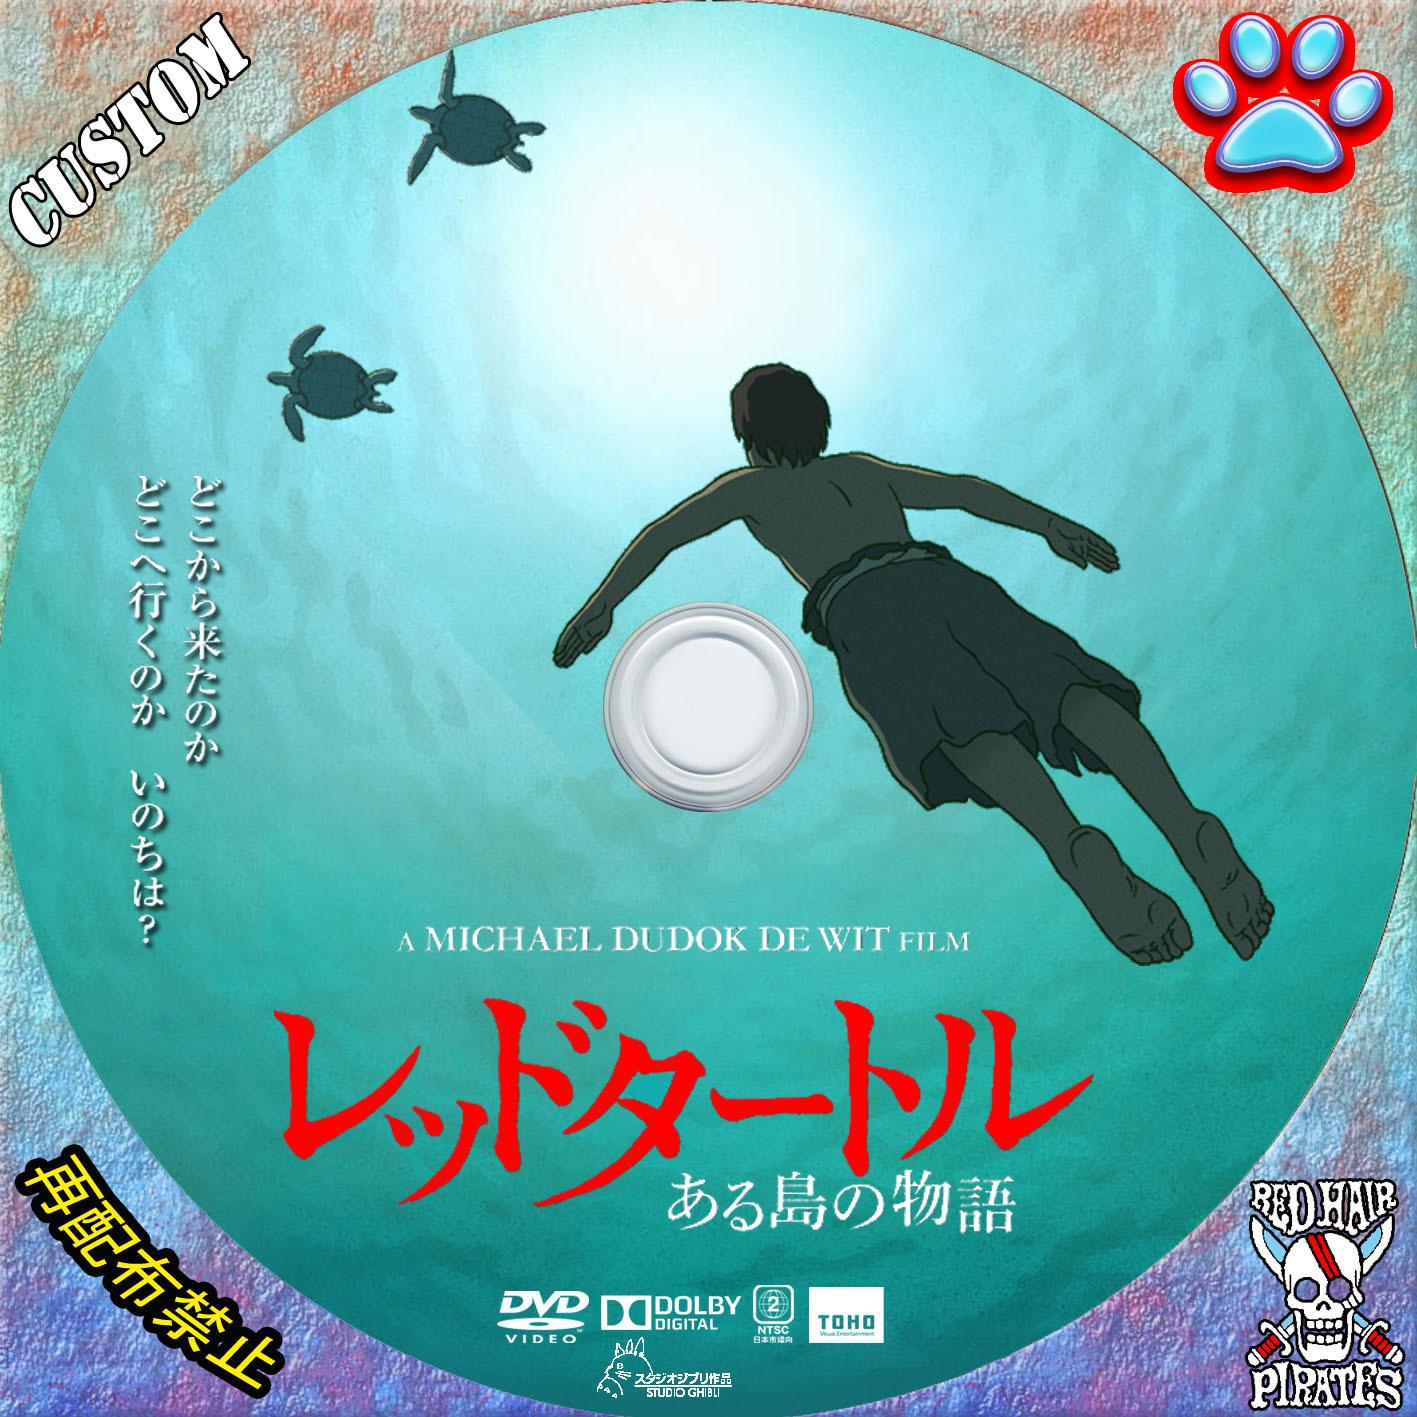 レッドタートルある島の物語DVD・Blu-ray レンタ …